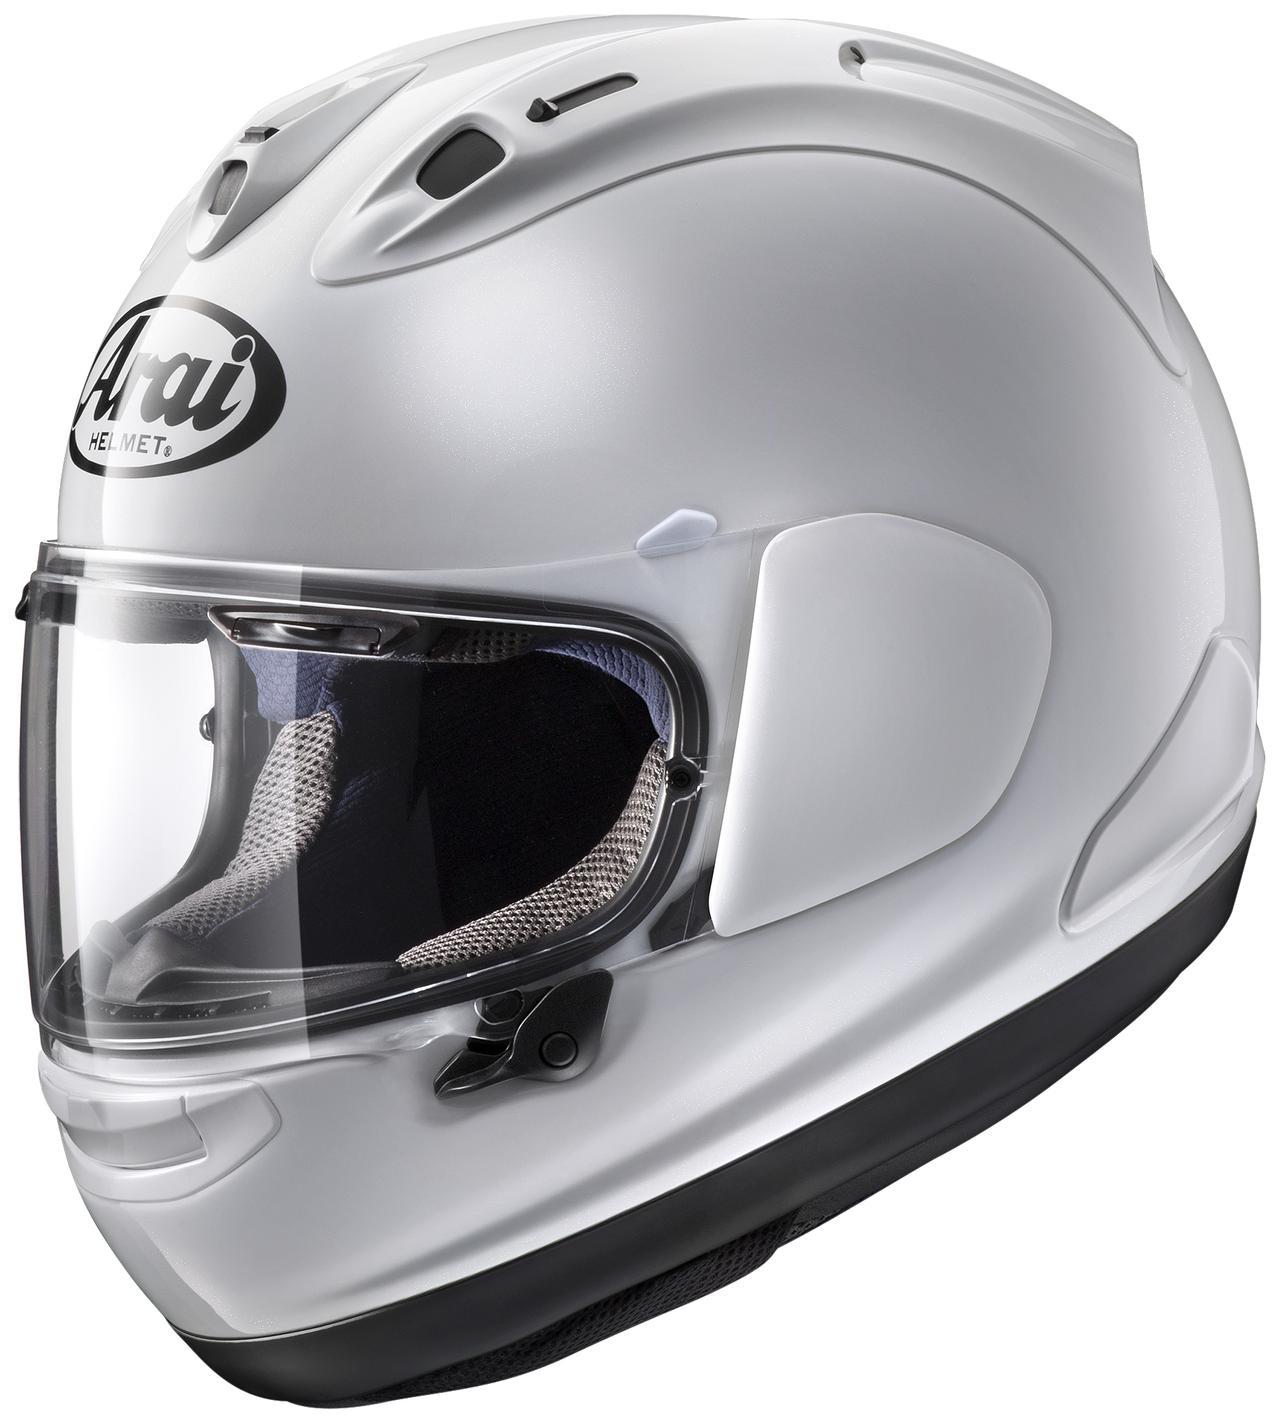 画像1: アライヘルメットの「RX-7X」に特大サイズ登場!